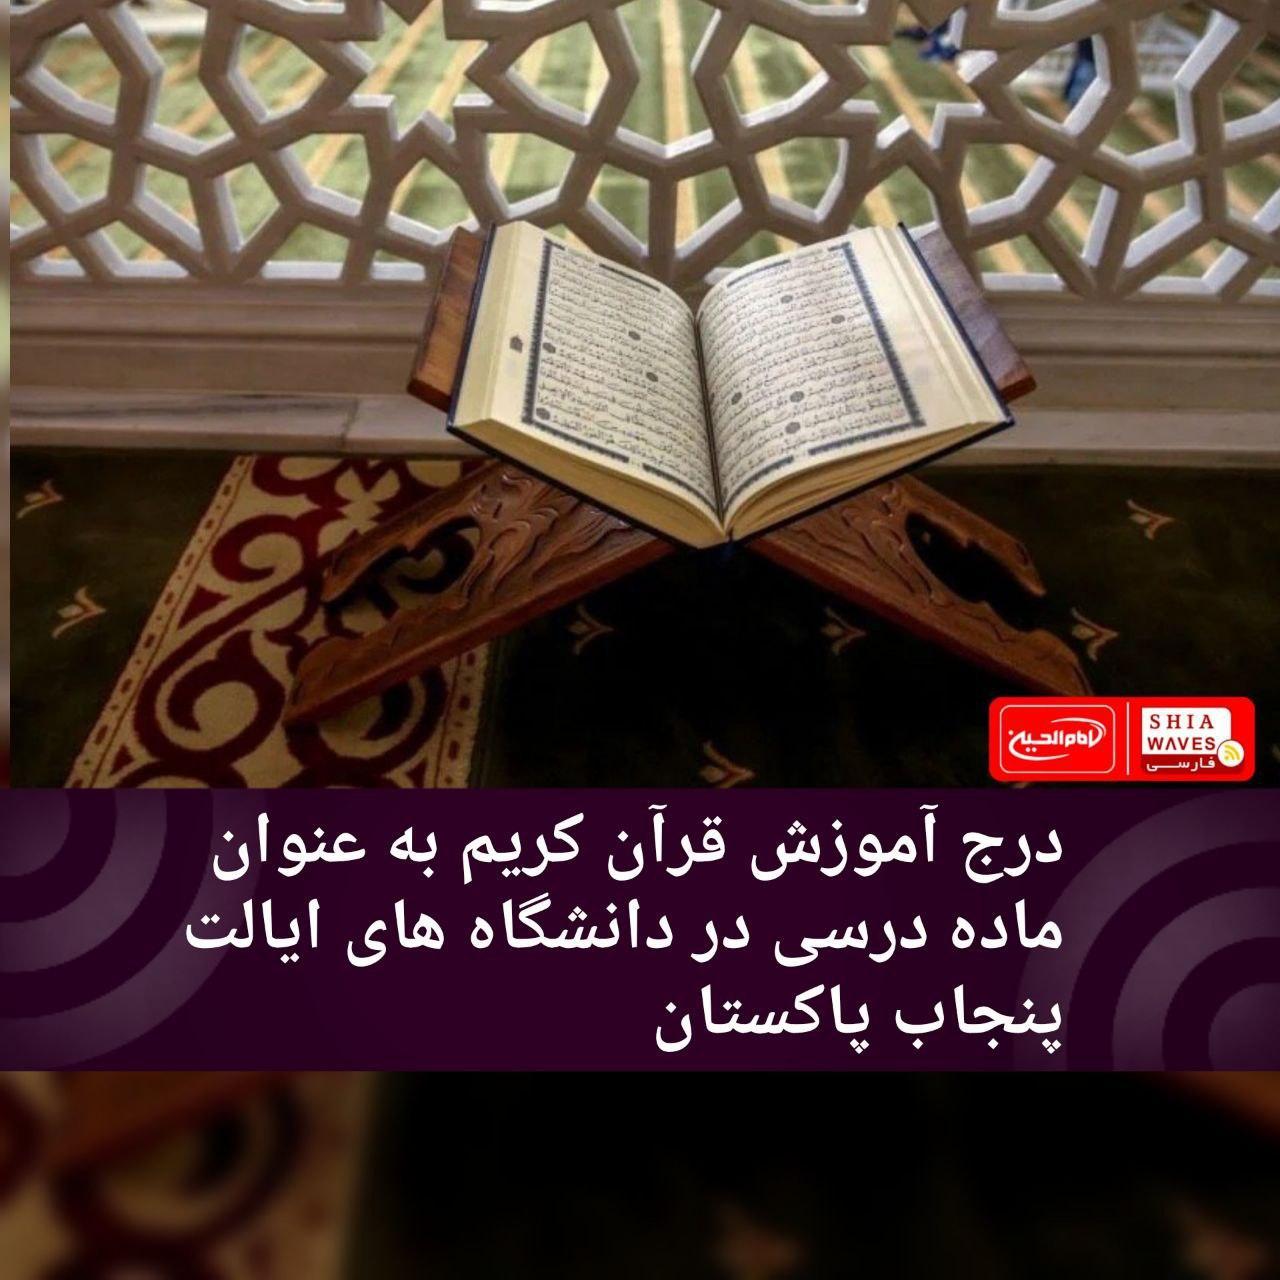 تصویر درج آموزش قرآن کریم به عنوان ماده درسی در دانشگاه های ایالت پنجاب پاکستان